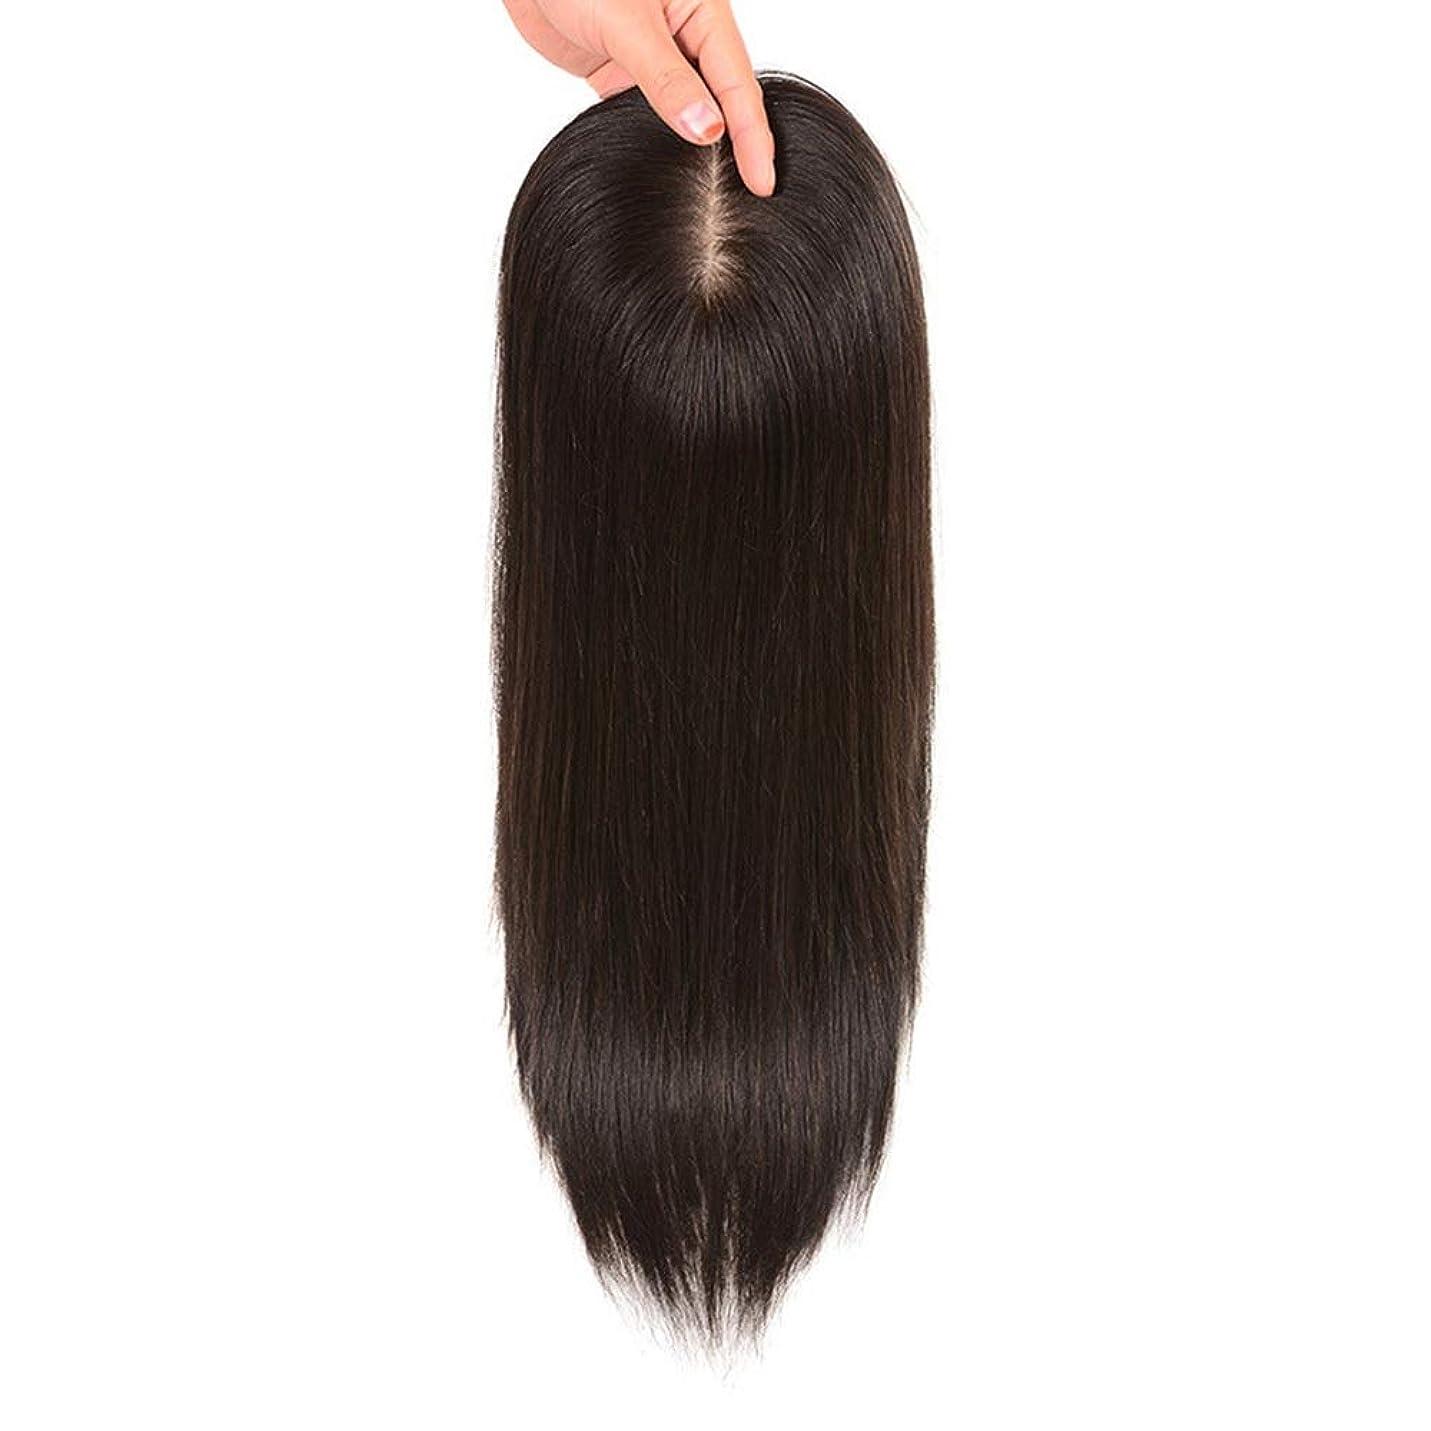 体操打ち上げるにはまってHOHYLLYA 女性の長いストレートヘアクリップヘアエクステンションで髪をかつら見えないパーティーかつらを増やす (色 : Natural black, サイズ : [7x10]25cm)